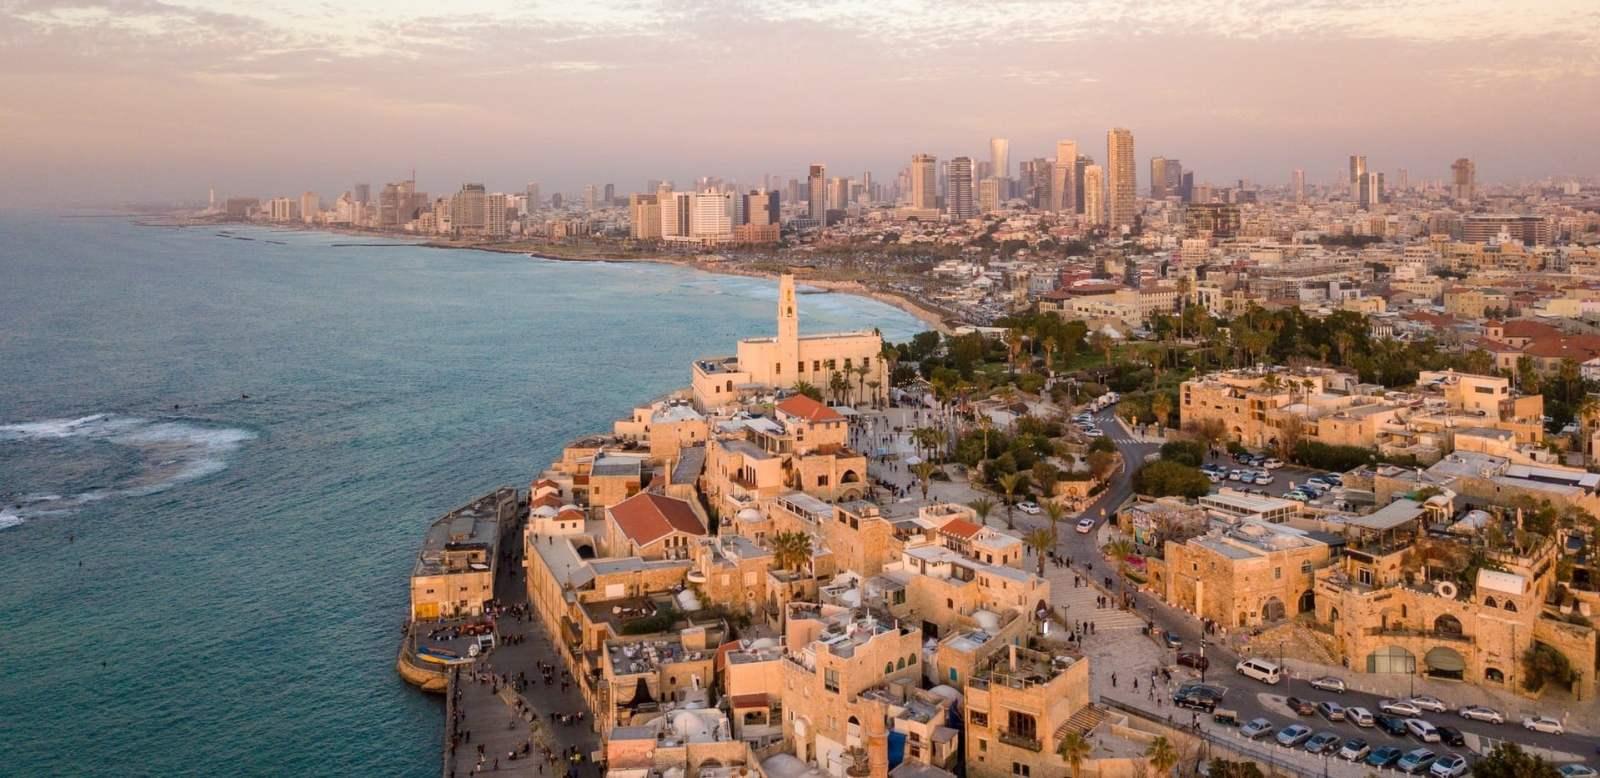 Las mejores zonas donde alojarse en Tel Aviv, Israel